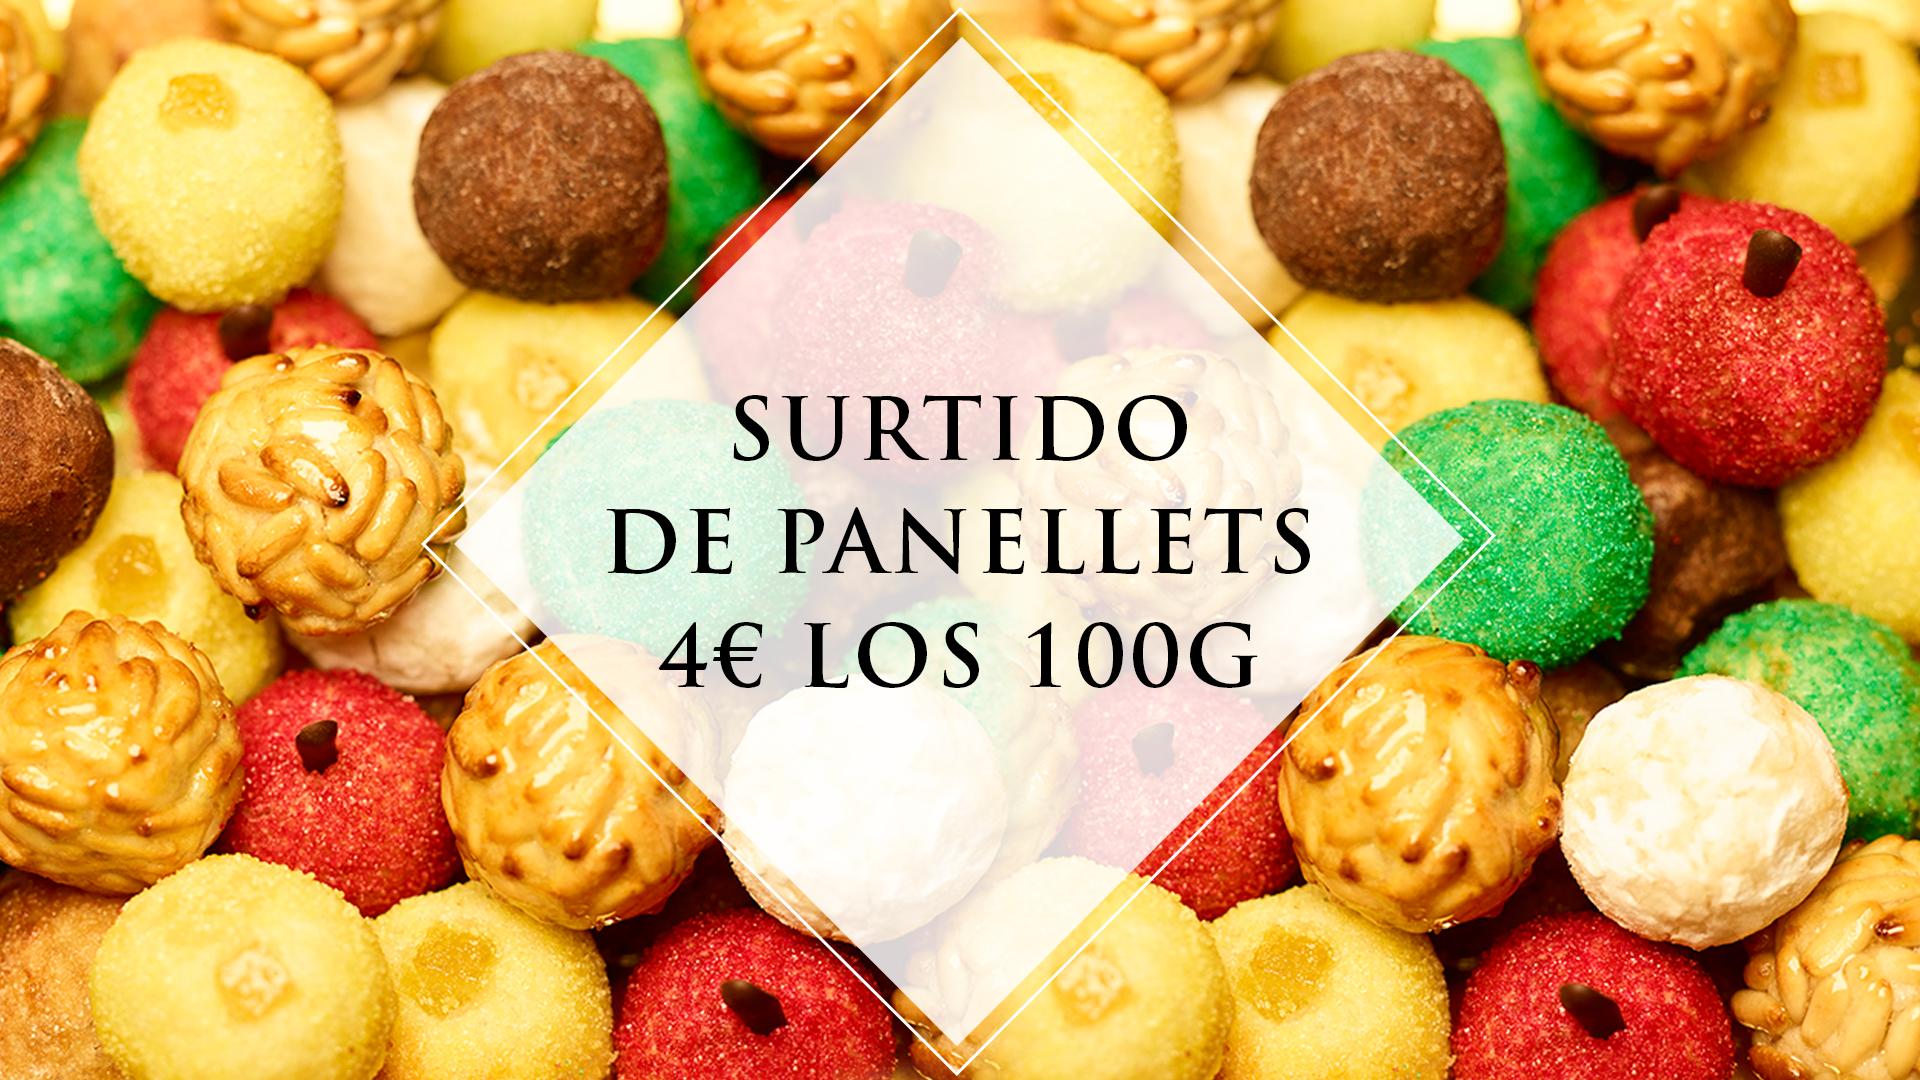 ¡Disfrute de nuestros Panellets en La Pastisseria!